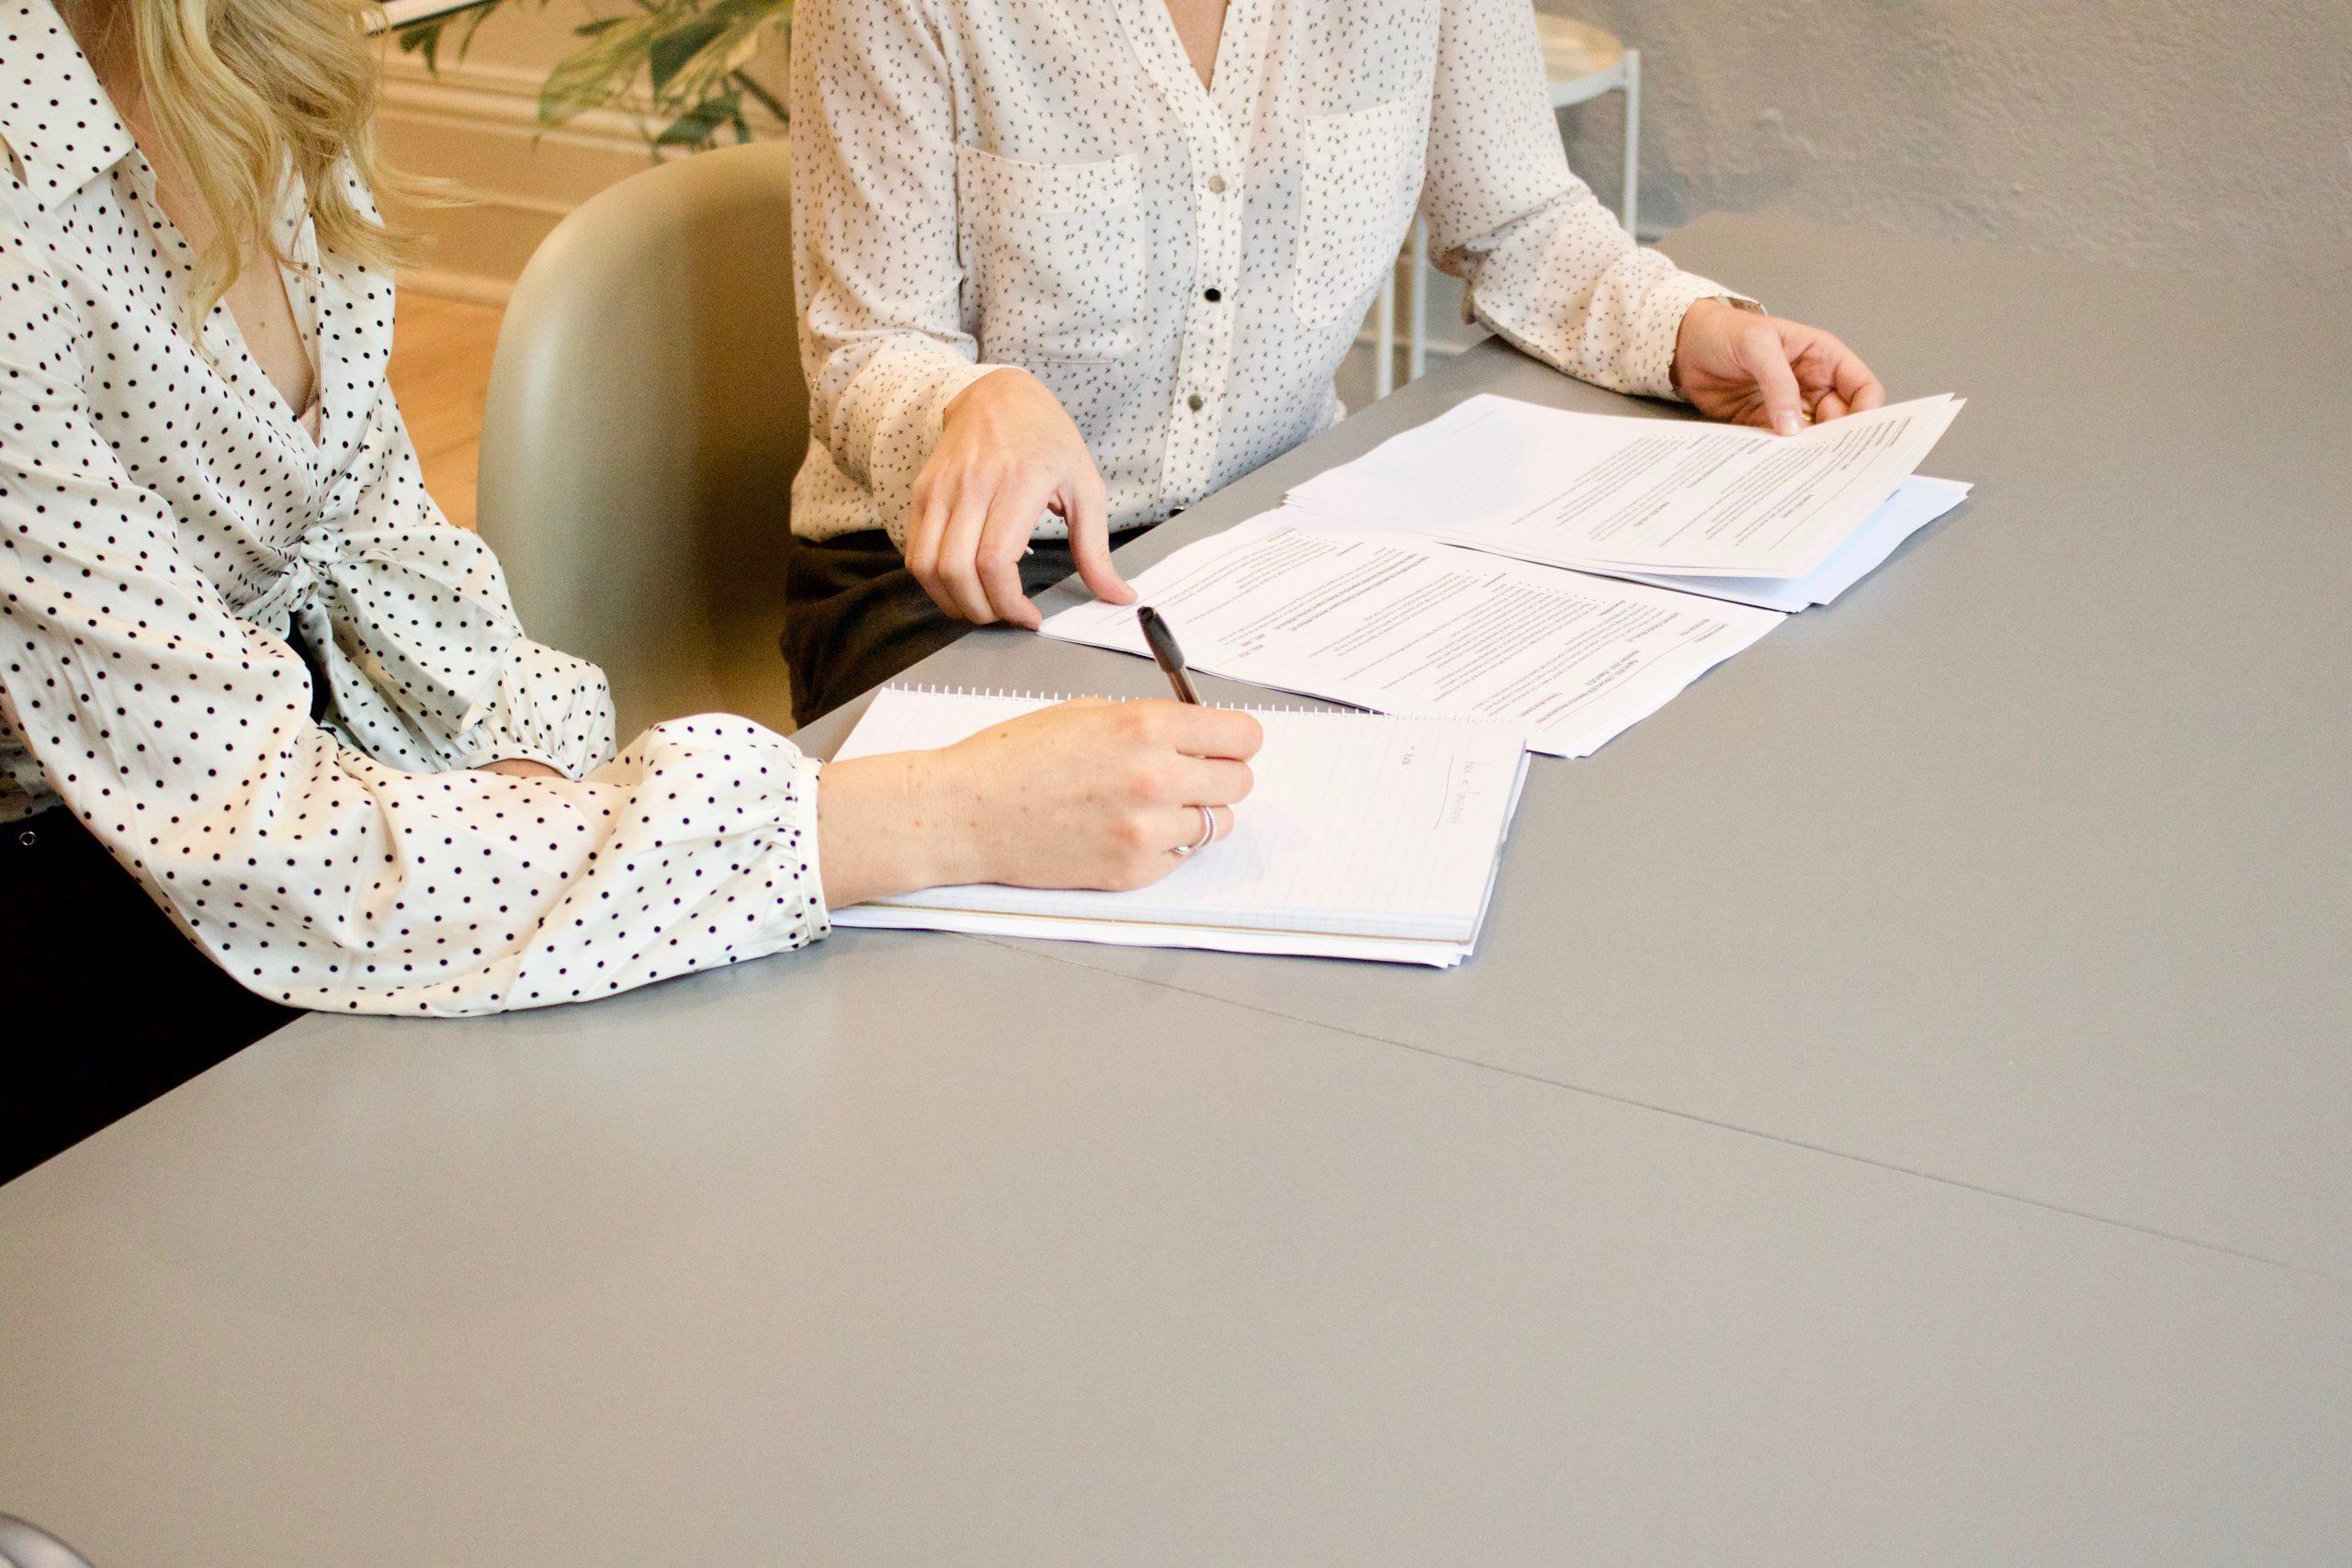 Kollektivvertrag: Verhandlung und Unterzeichnung